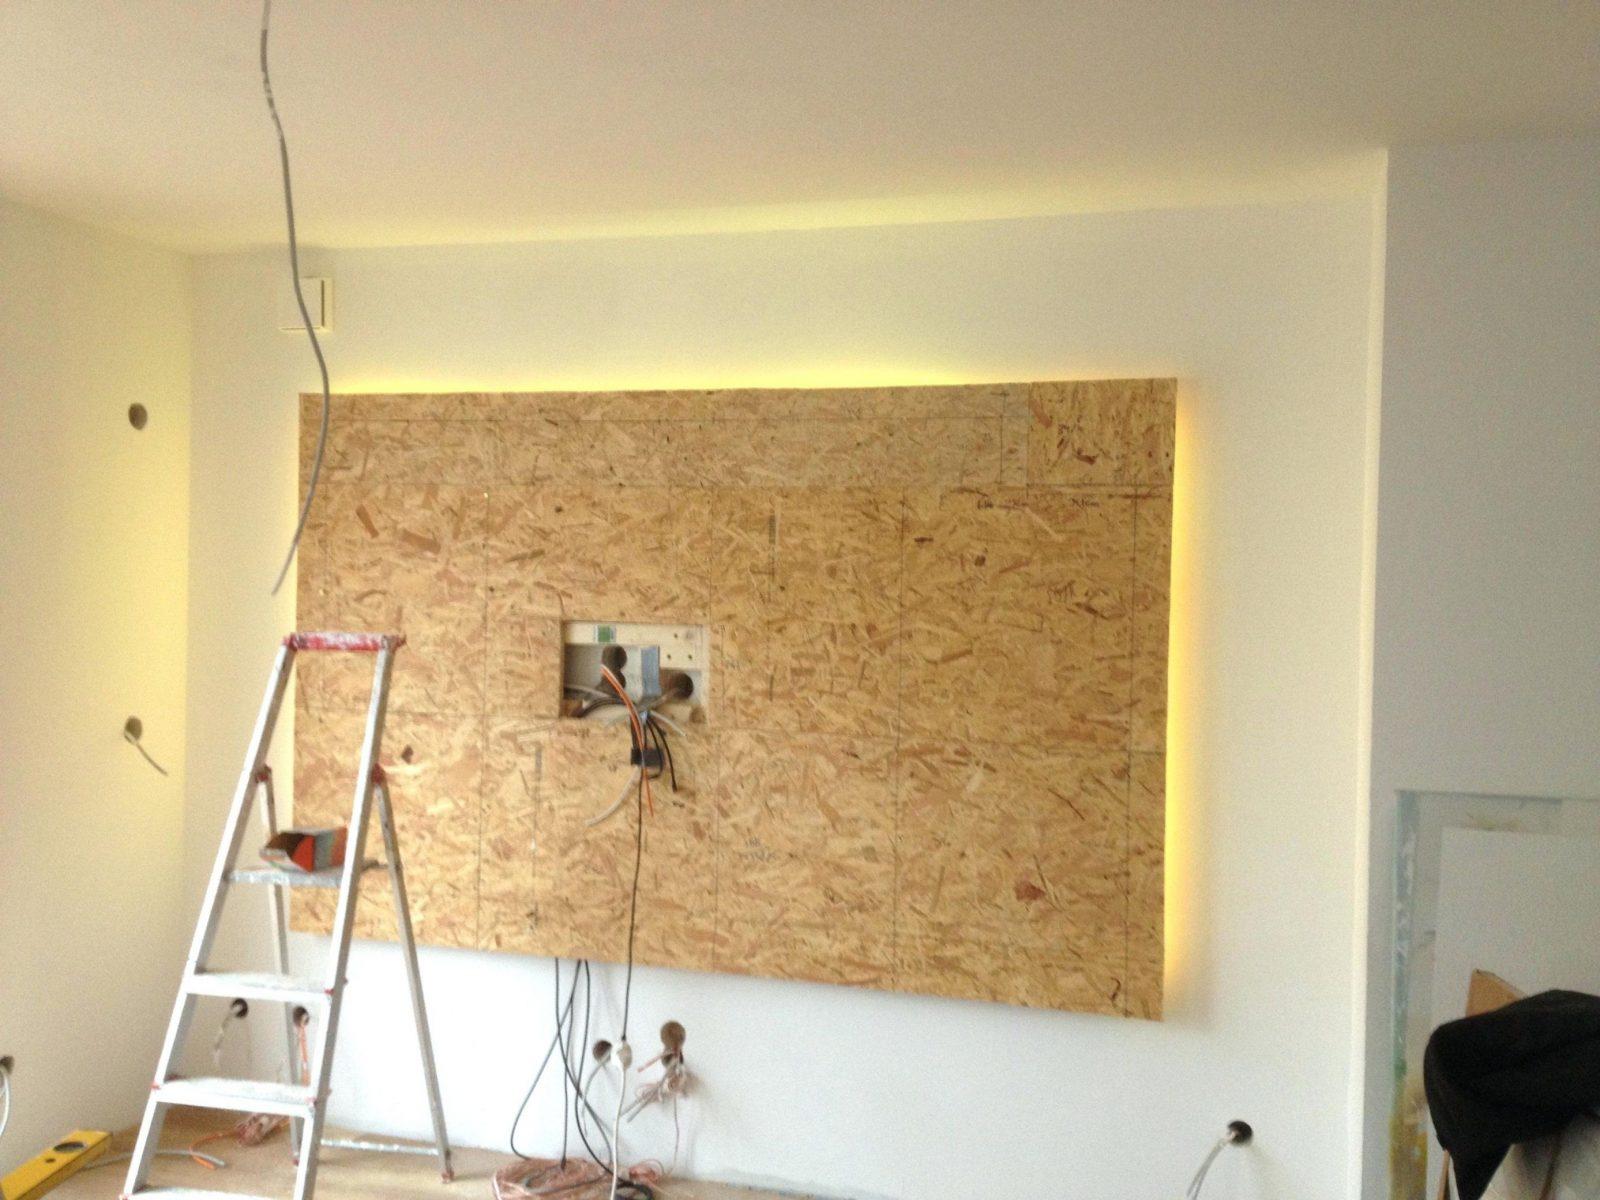 Decke Indirekte Beleuchtung Bild Von Selber Bauen A Trockenbau Led von Indirekte Beleuchtung Wand Selber Bauen Bild